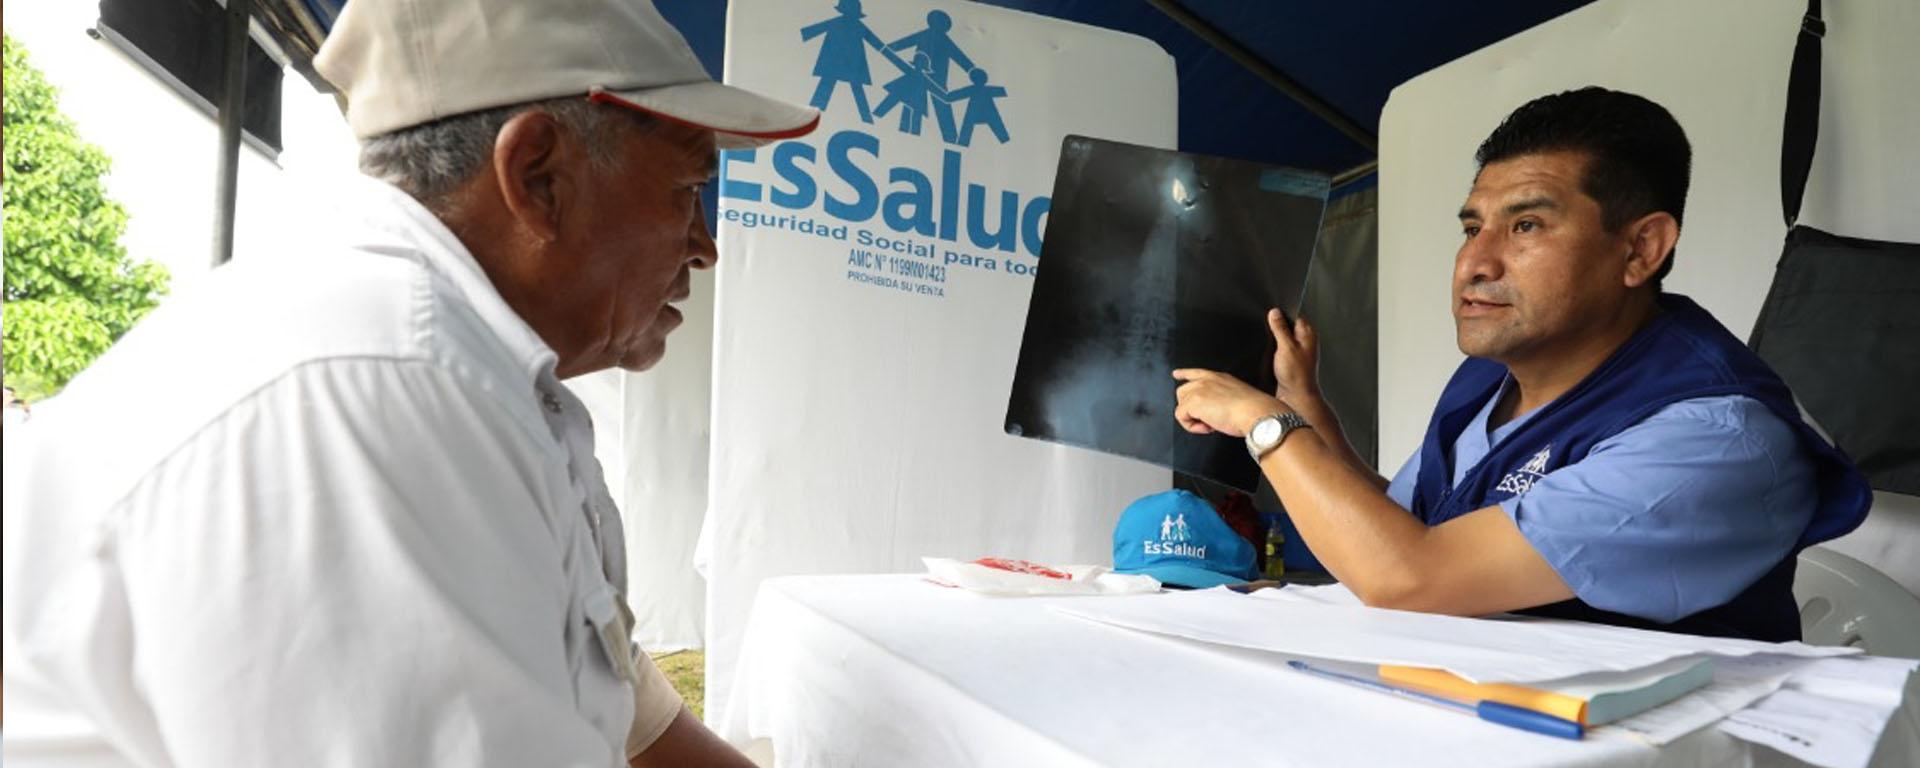 Essalud - Hospital Perú de EsSalud brindó más de 116 mil atenciones a nivel nacional